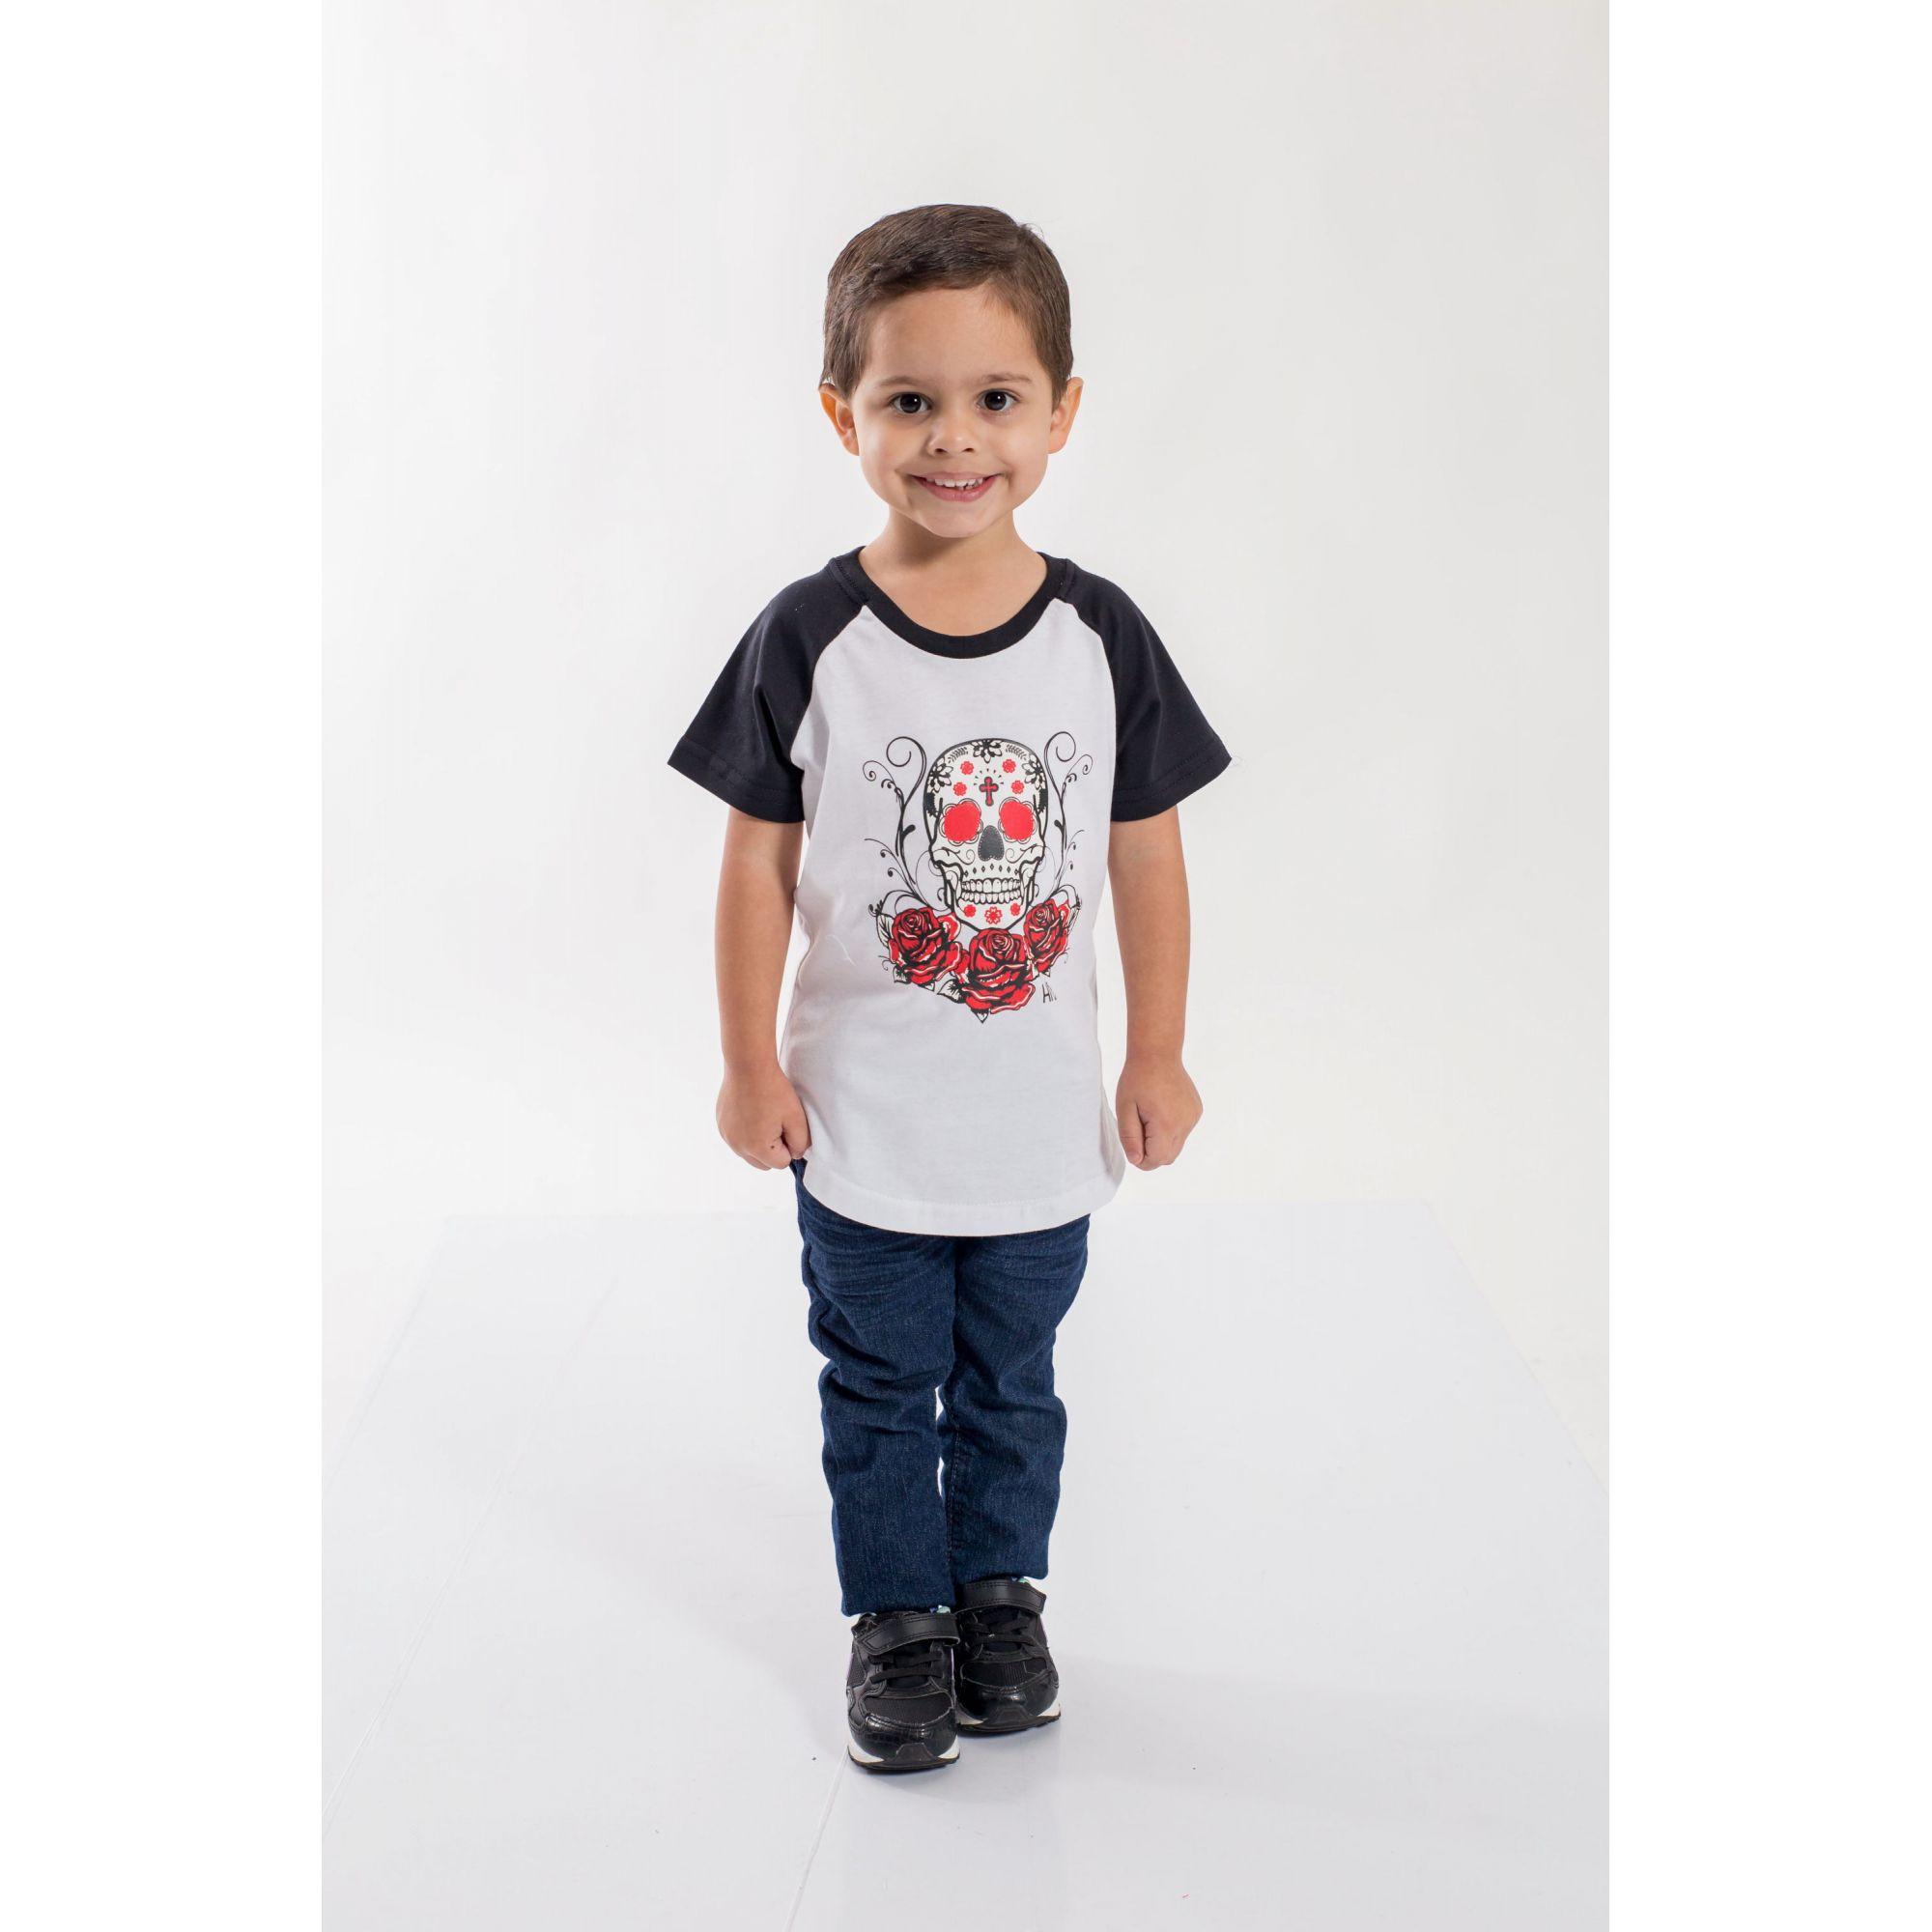 PAI E FILHO > Kit 02 Camisetas Raglan Long Brancas com Mangas Pretas e Estampa de Caveiras [Coleção Tal Pai Tal Filho]  - Heitor Fashion Brazil